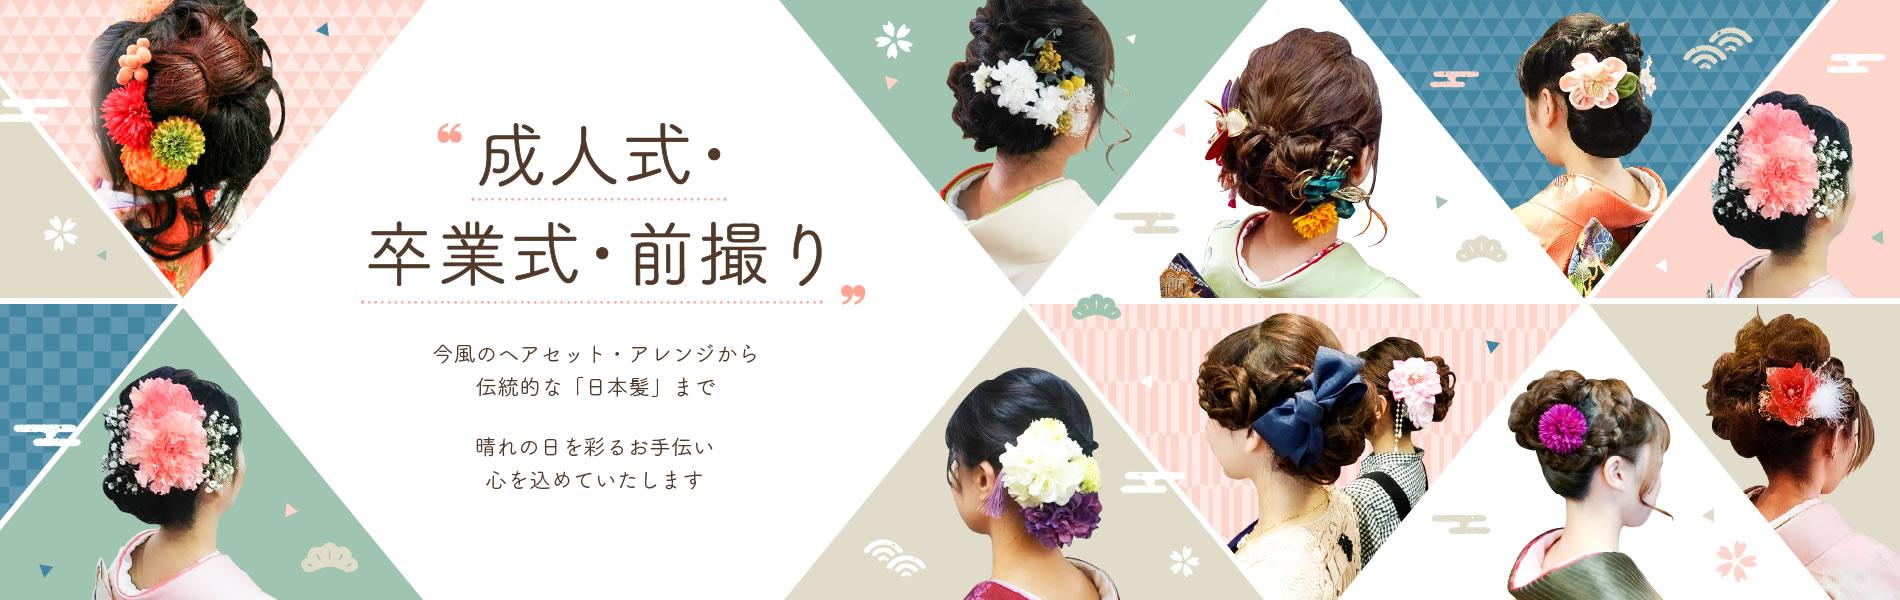 倉敷市真備町の成人式・卒業式・前撮りの日本髪結い・ヘアセット・アレンジ